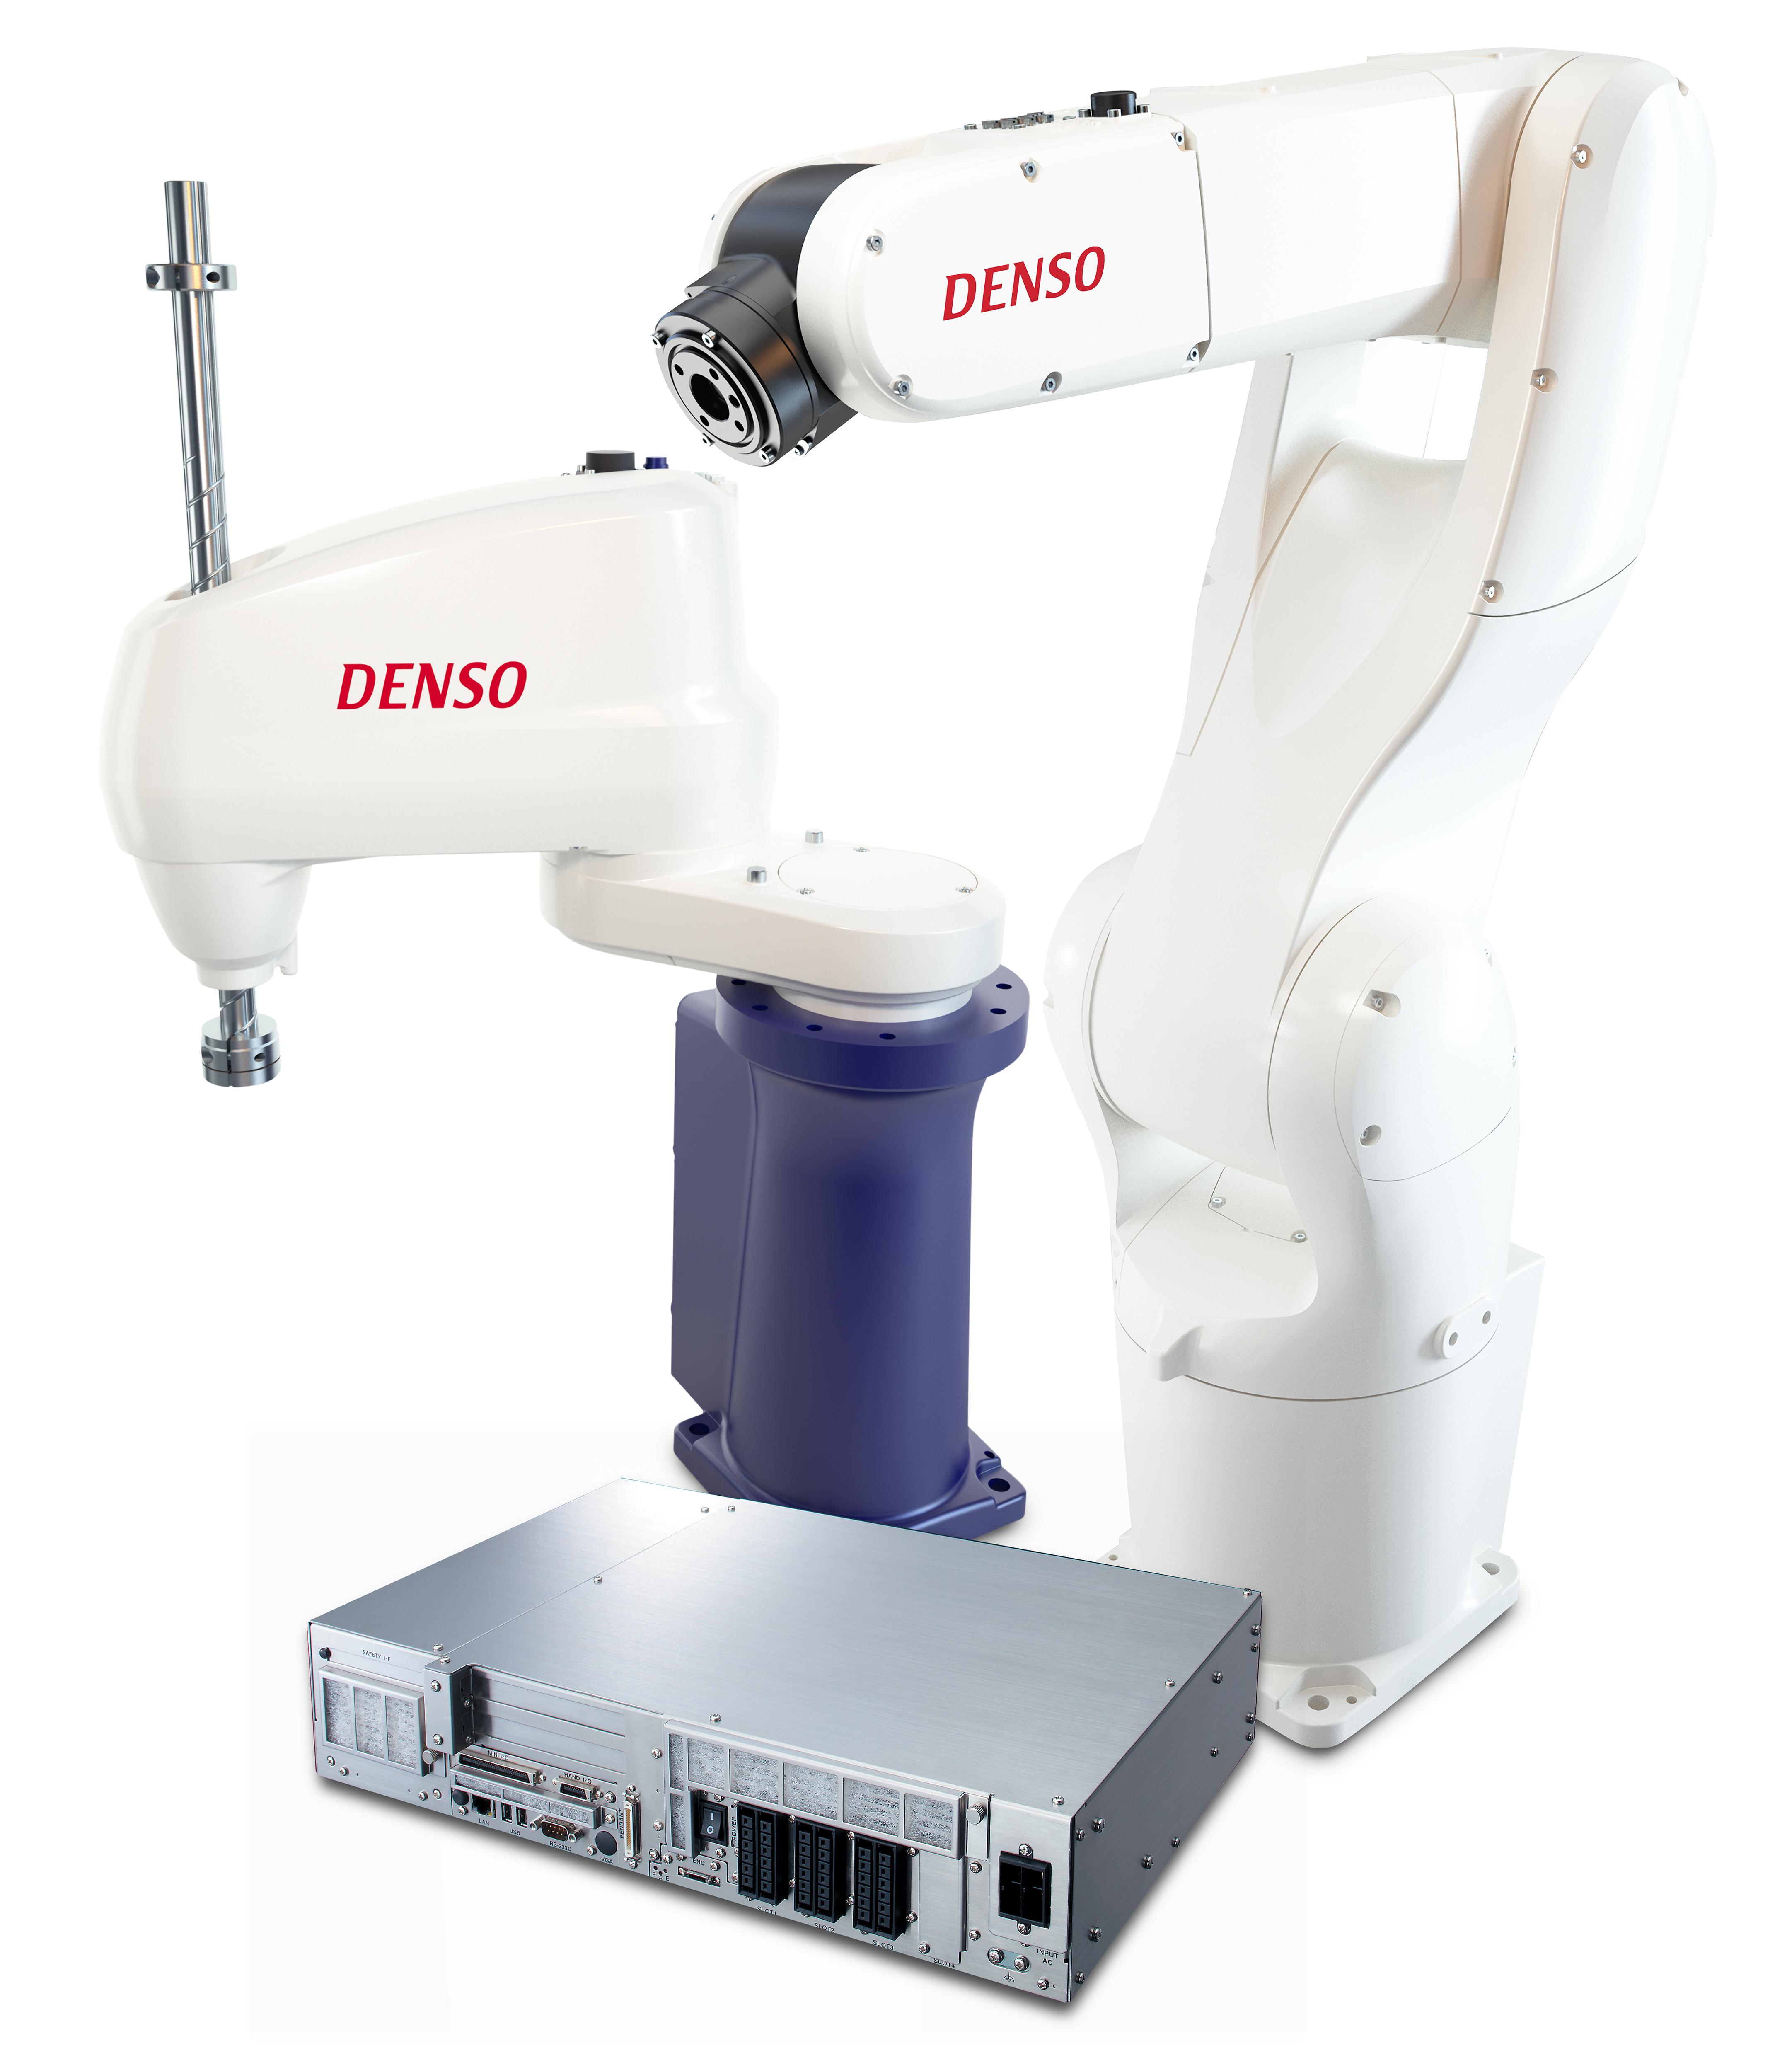 Denso Robotics launches new robot controller